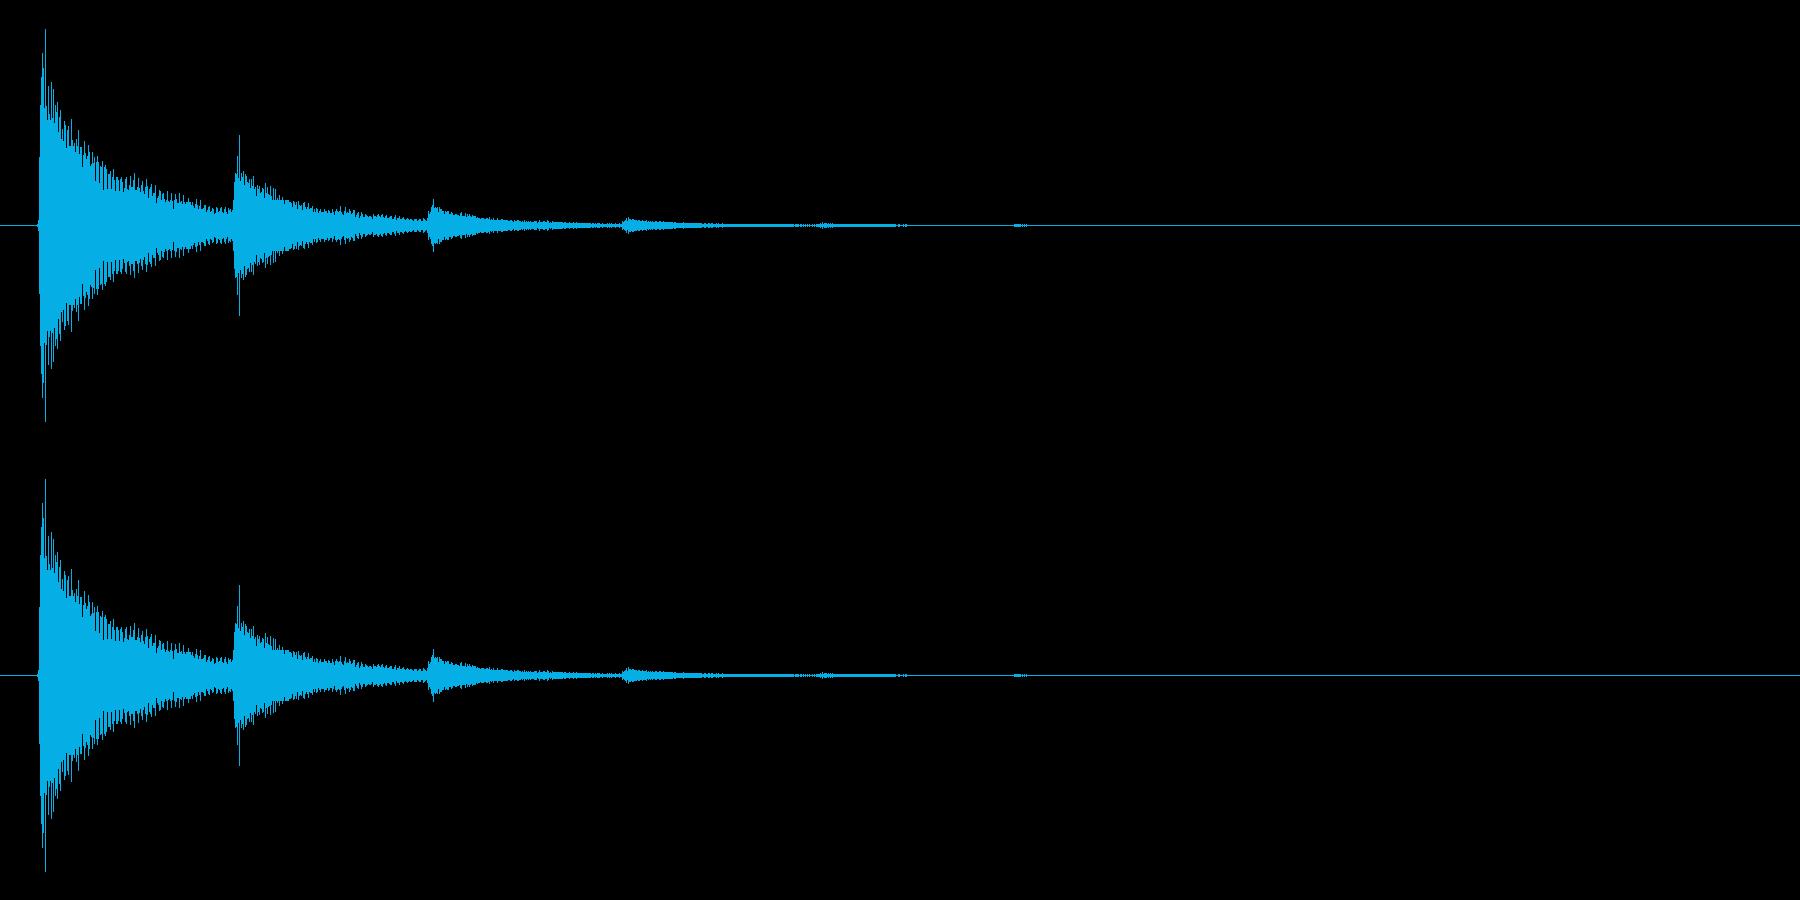 ティン・・・(テロップ、注目等)の再生済みの波形